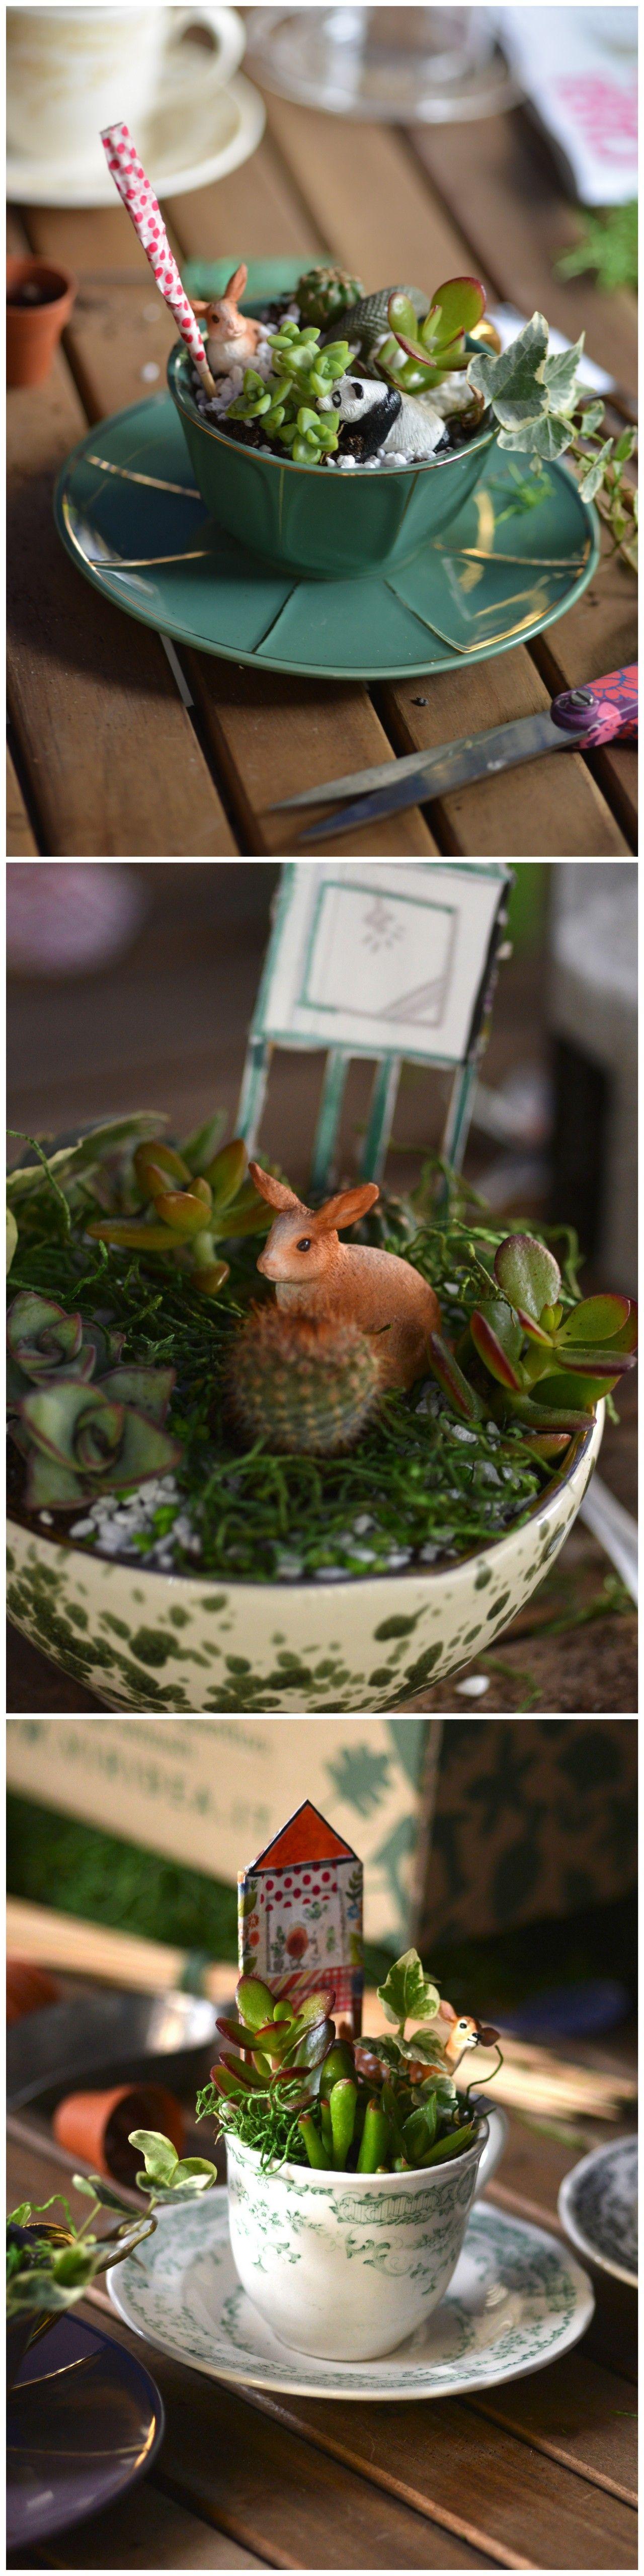 Le piante in vasi di vetro e in bottiglia | Piante in vaso ...